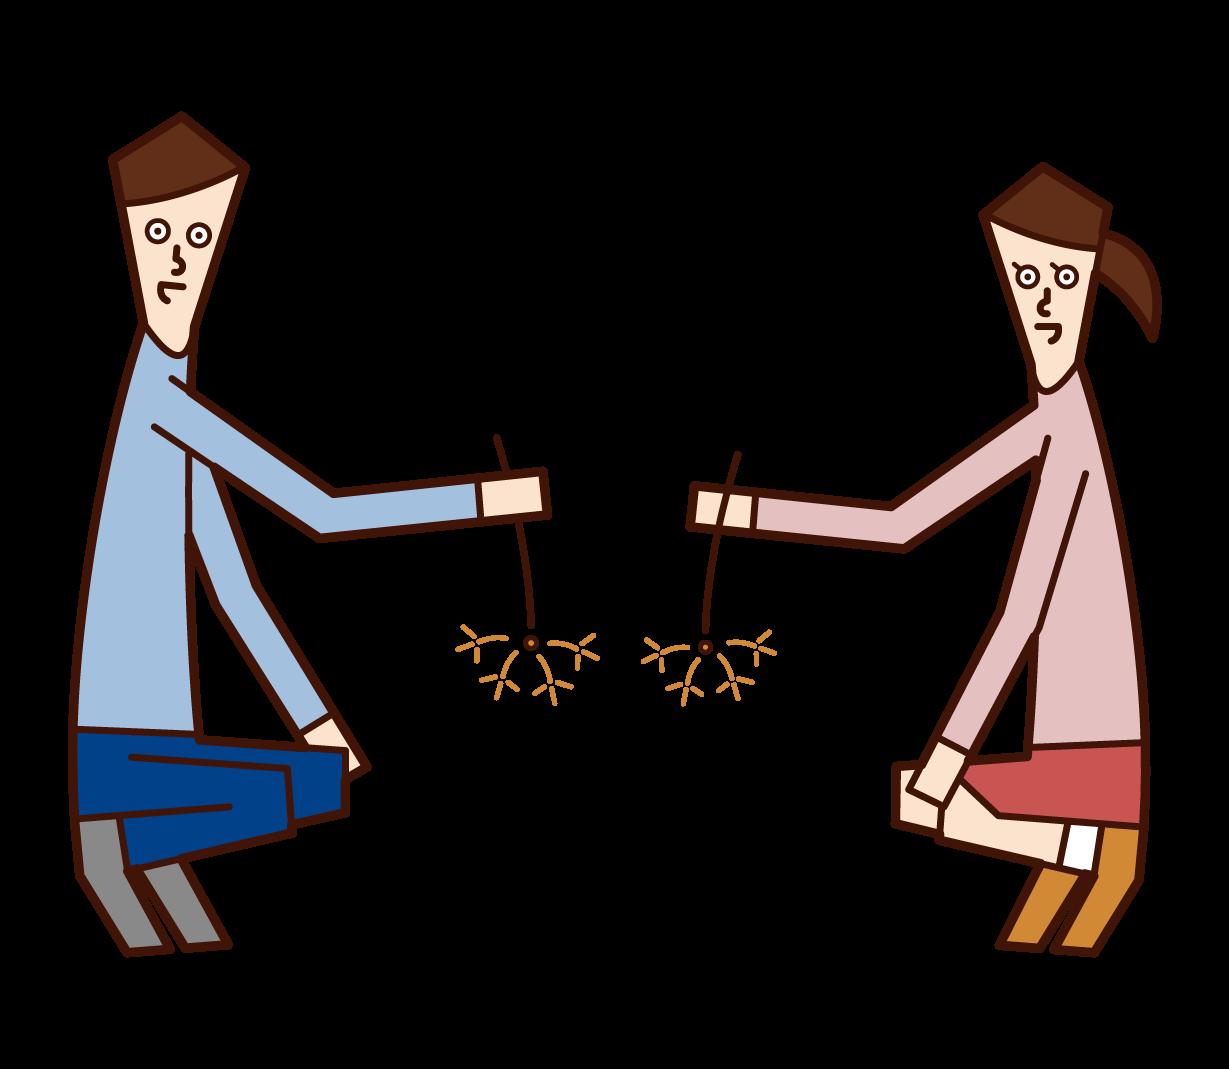 線香花火を楽しむカップルのイラスト